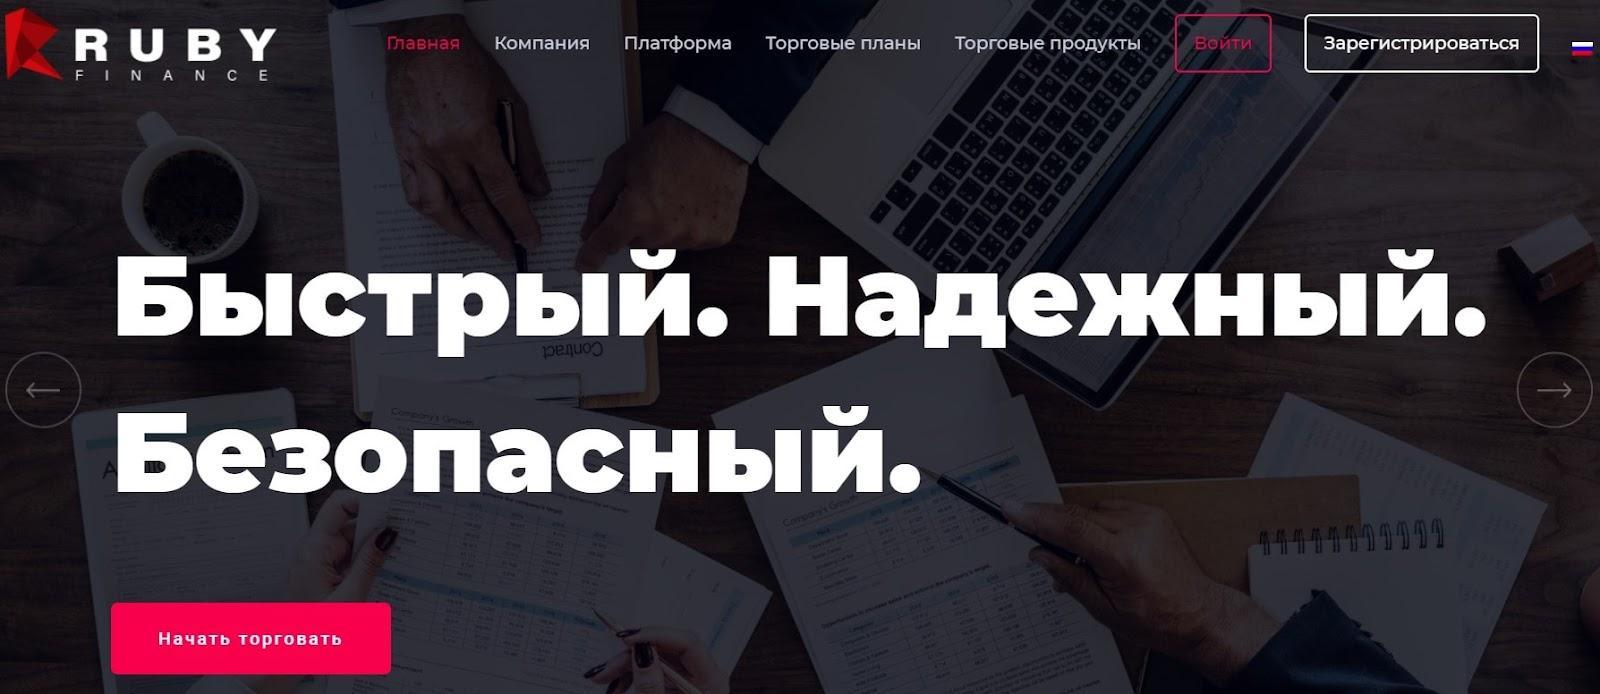 RubyFinance: отзывы и анализ трейдинговых предложений реальные отзывы